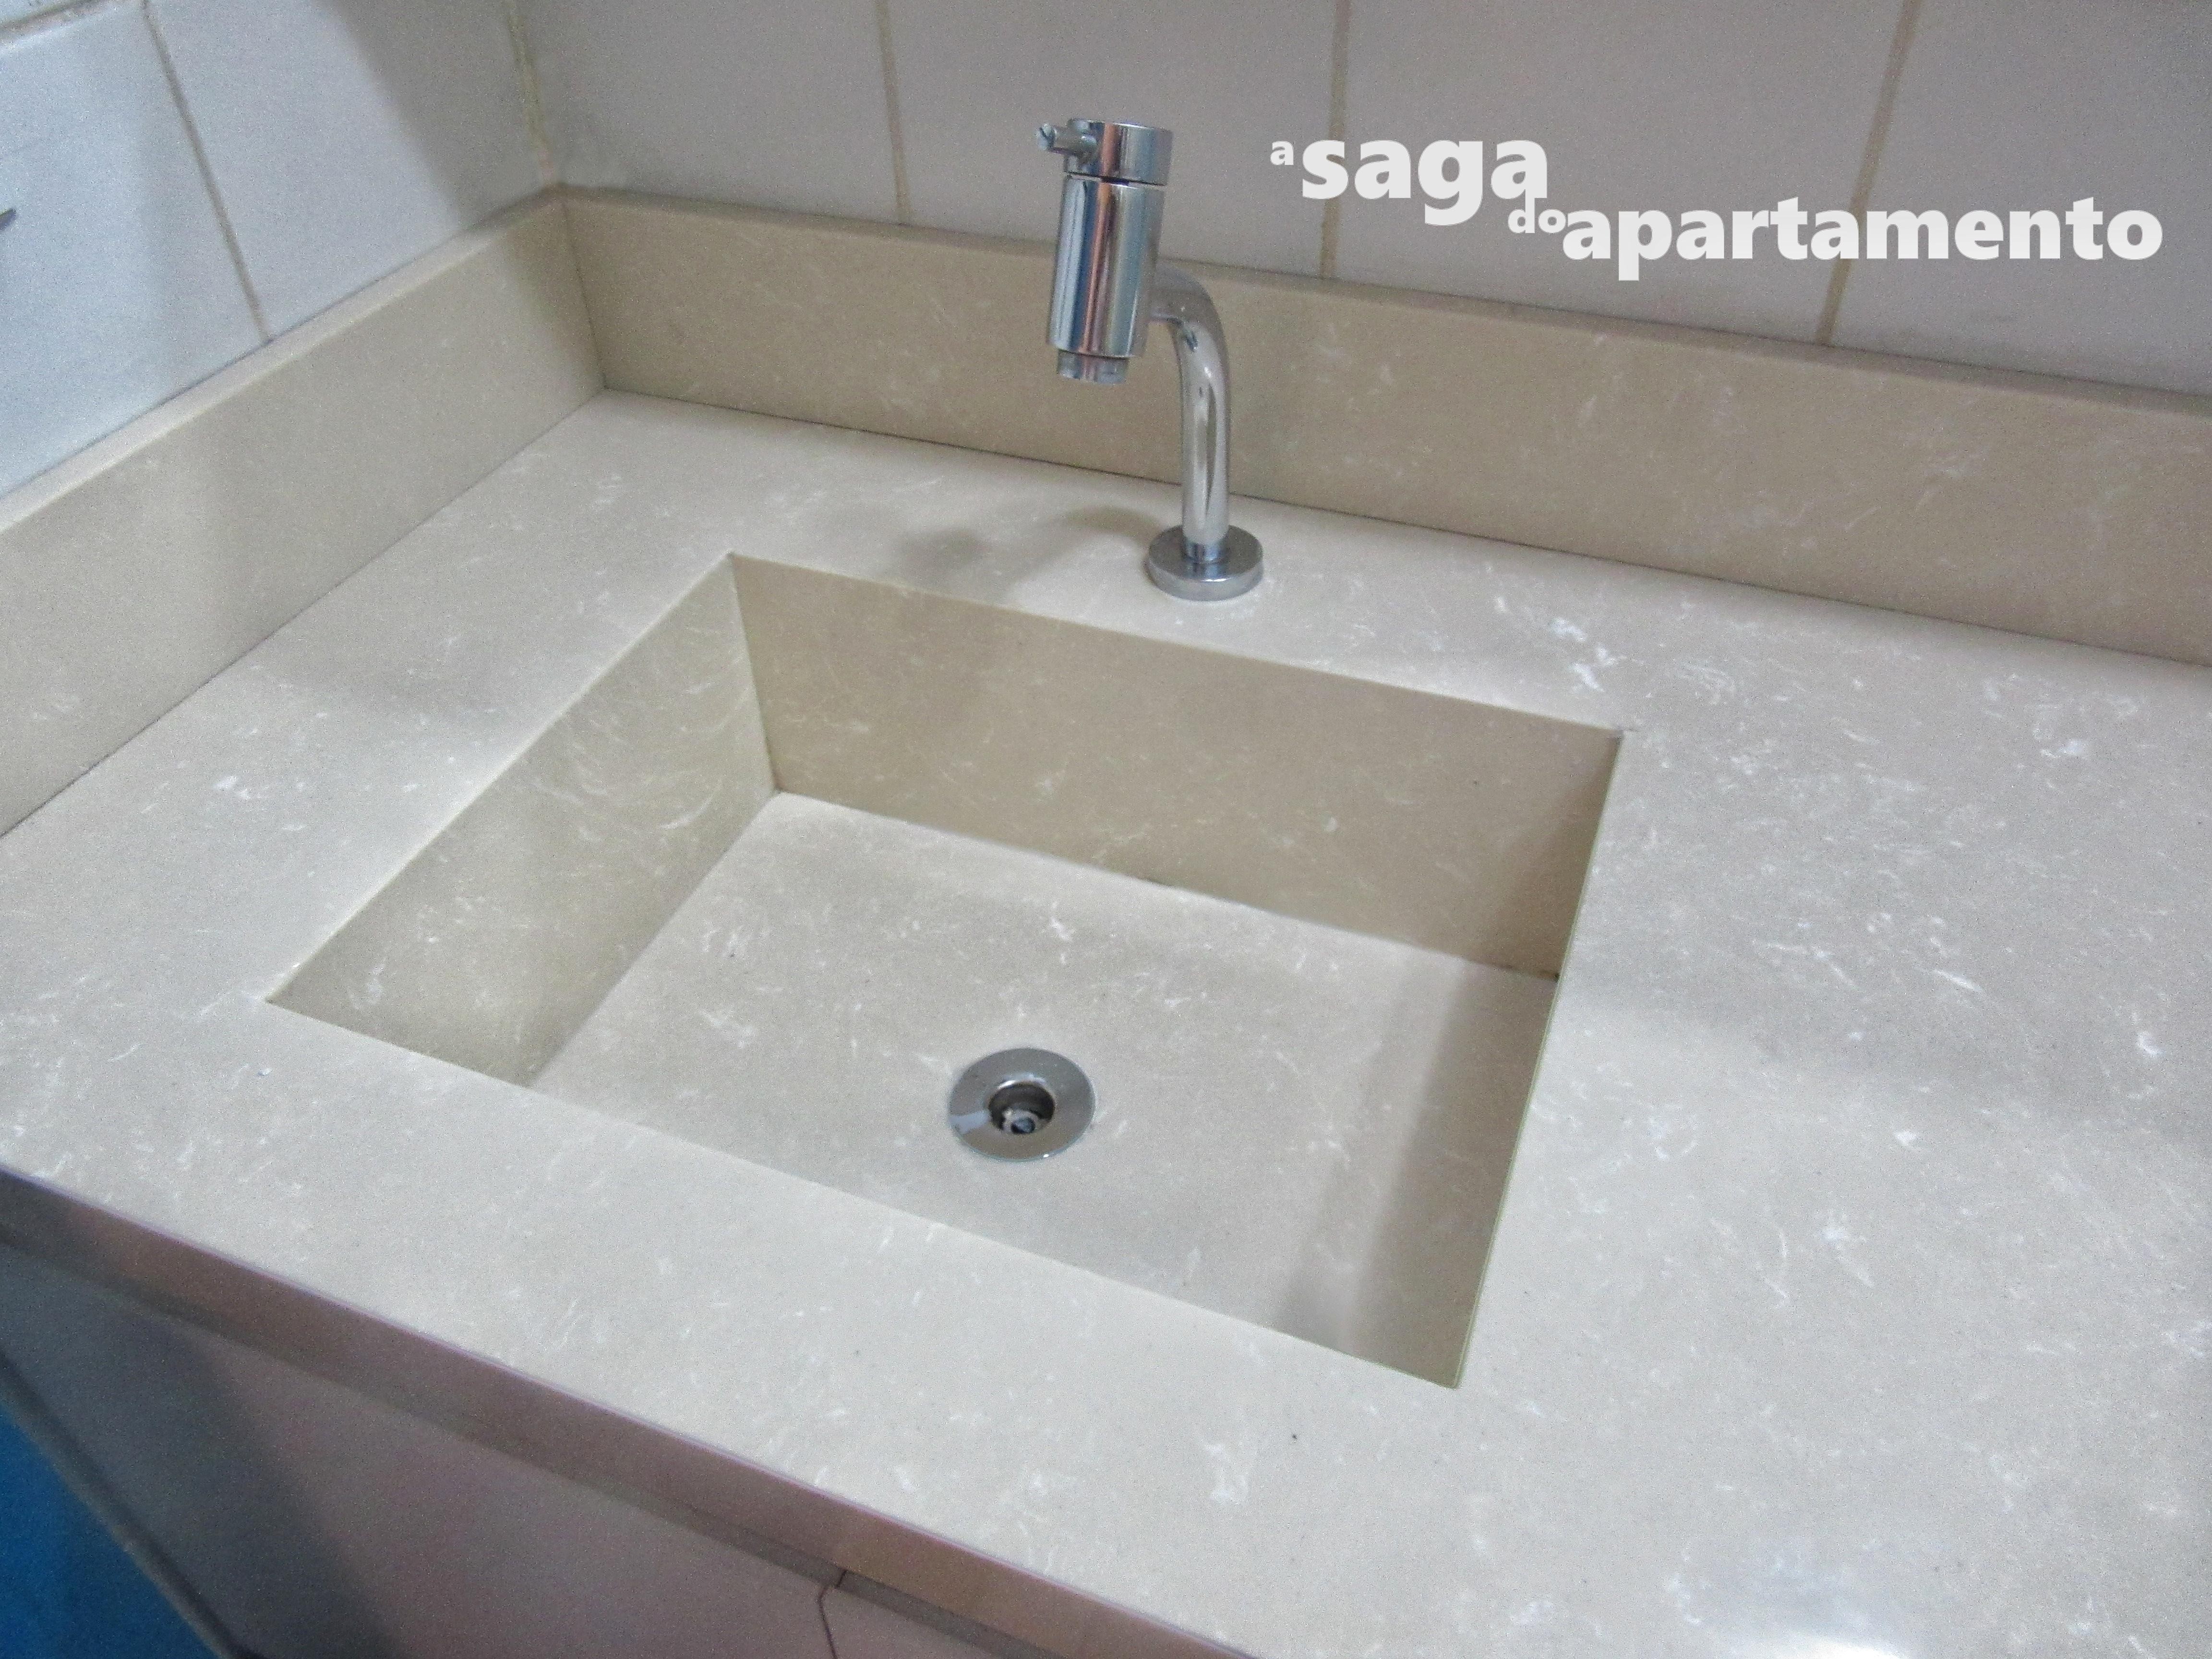 Reforma do Banheiro parte 1: Bancada de Mármore com Cuba Esculpida #2A455D 4608x3456 Bancada Banheiro Saia